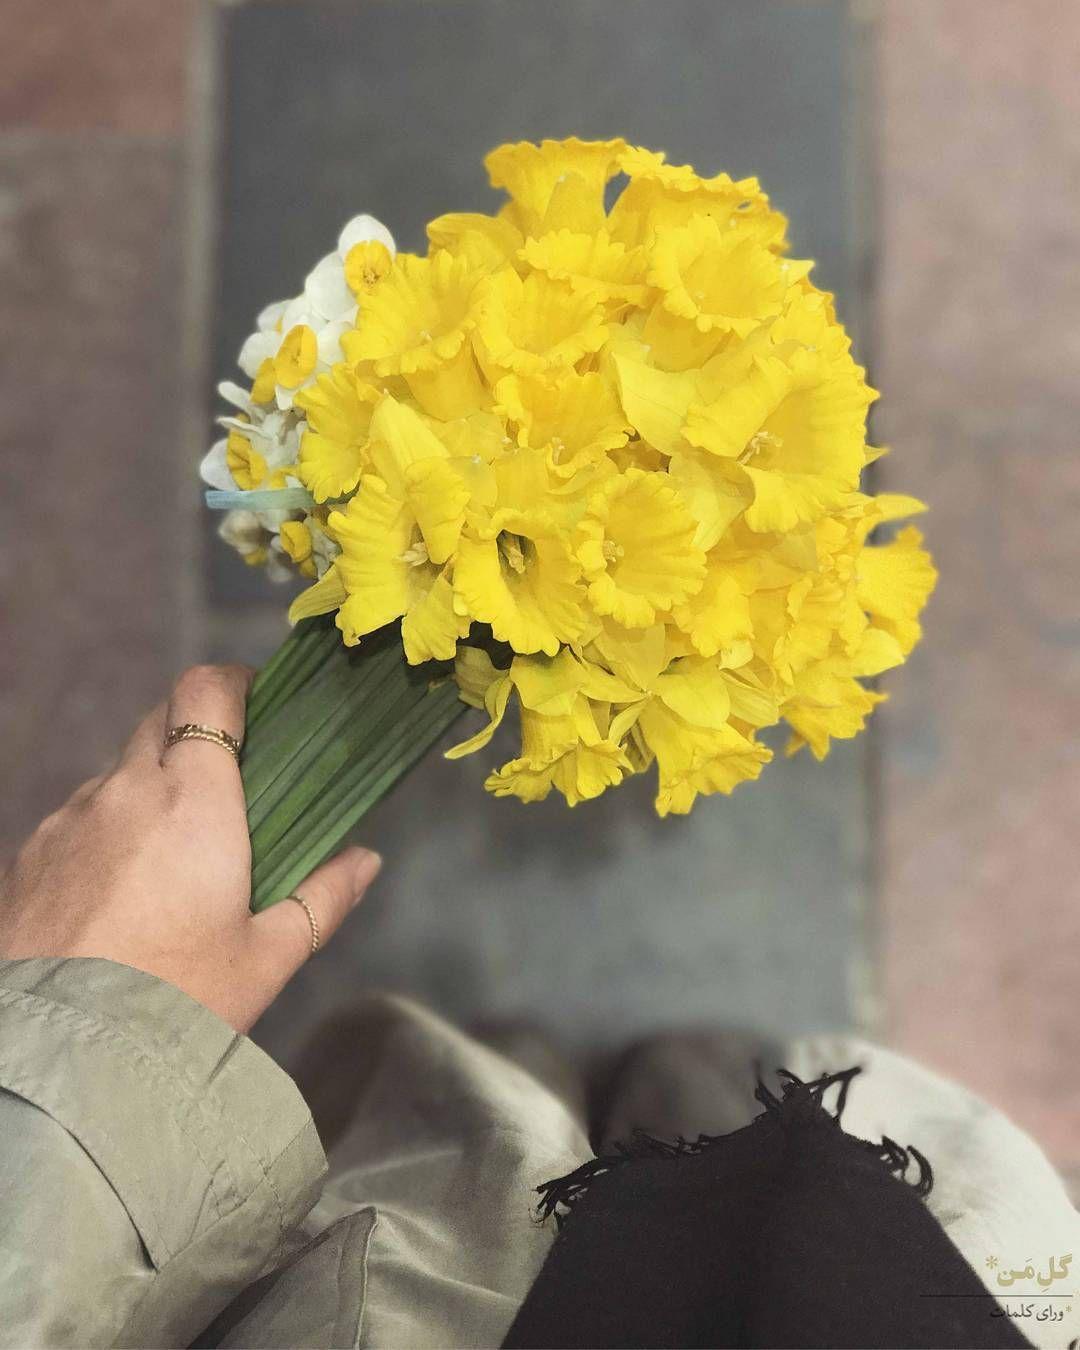 گل من این روزها به آرامی دوستت دارم جوری کنار تو می آیم مبادا که ناز خواب شیرینت بیاشوبد کابوس شود و بترسد طوری سلام می کنم مبادا Flowers Daffodils Plants